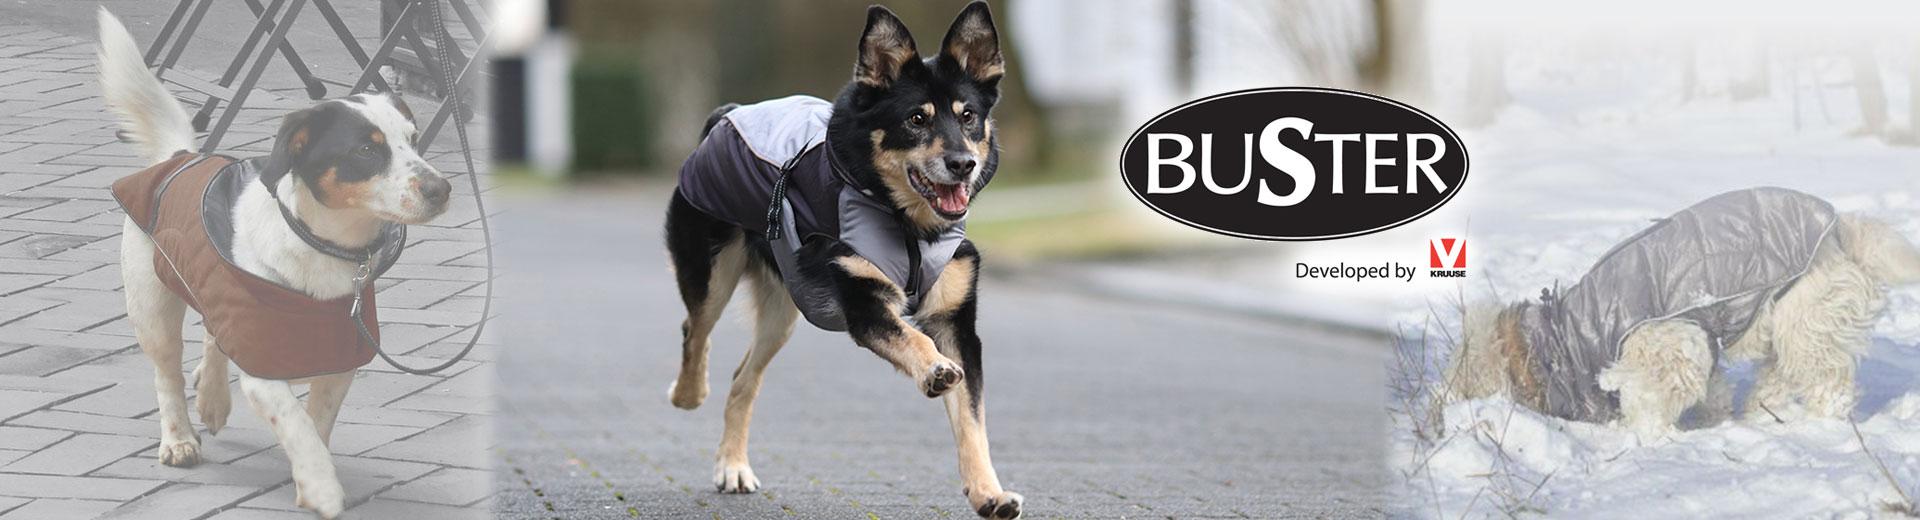 Buster Hundebekleidung